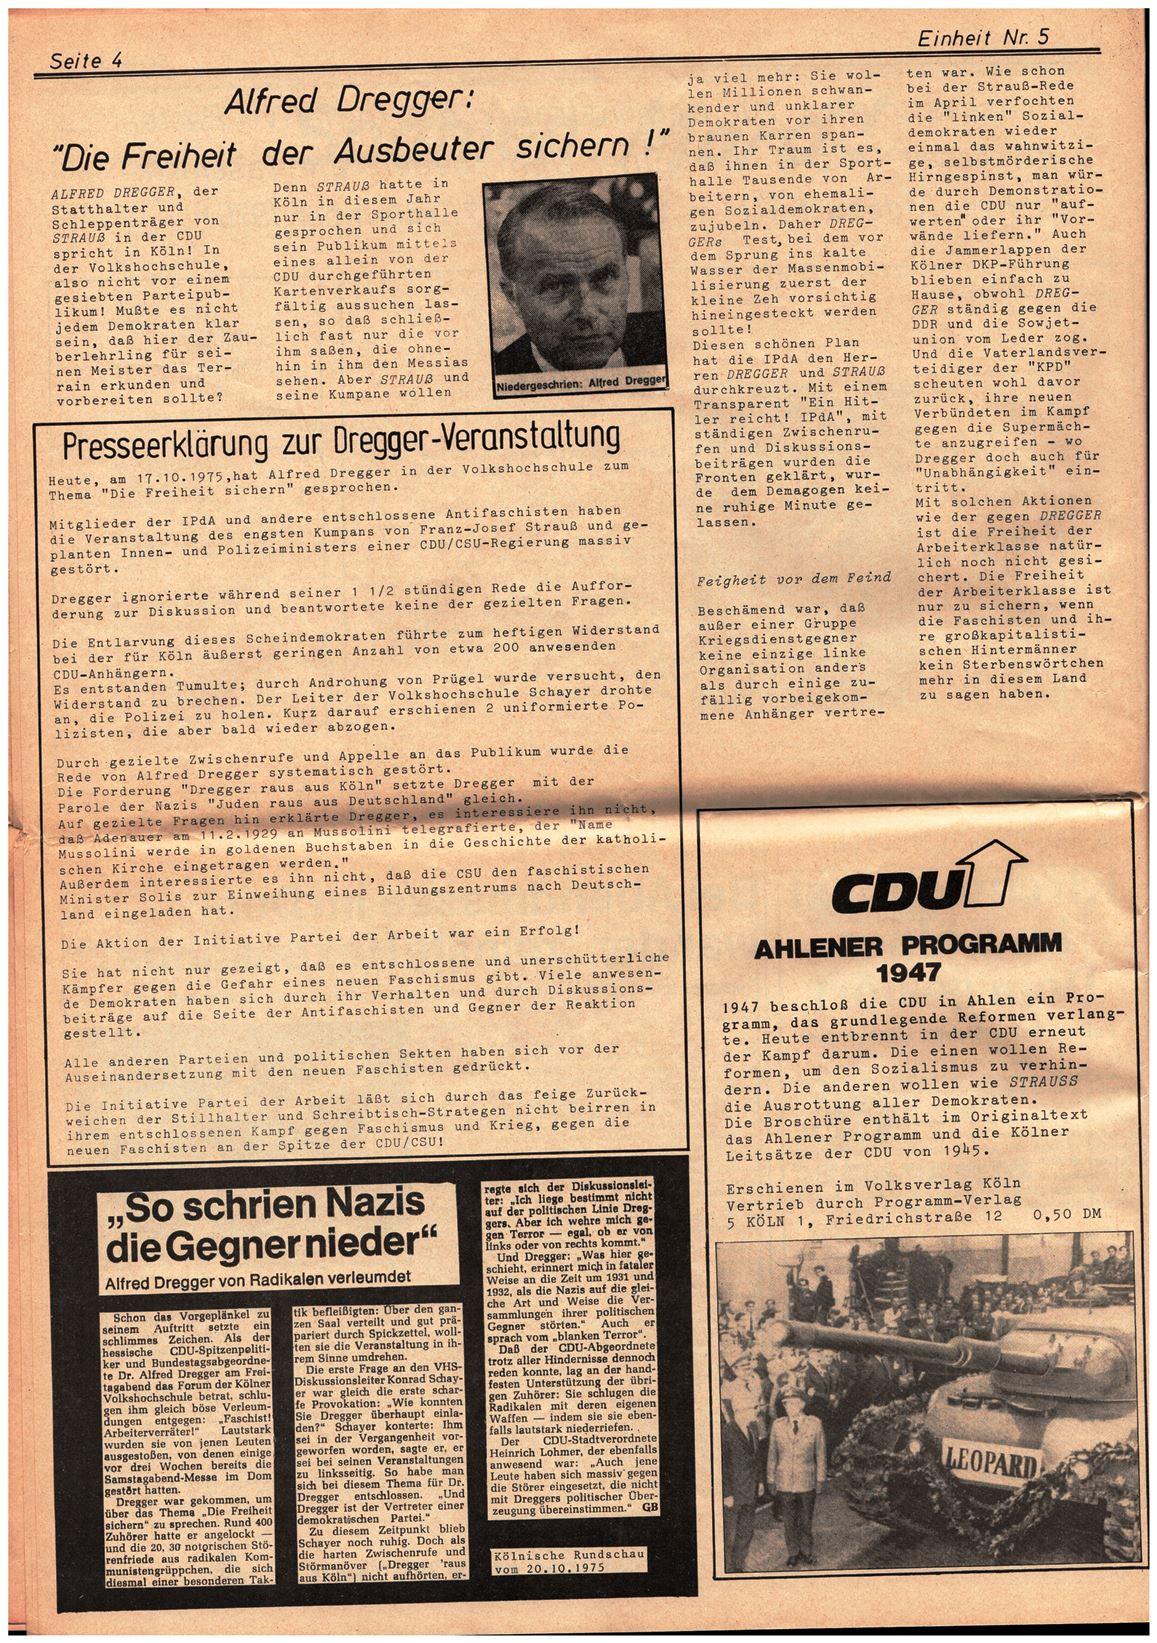 Koeln_IPdA_Einheit_1975_005_004